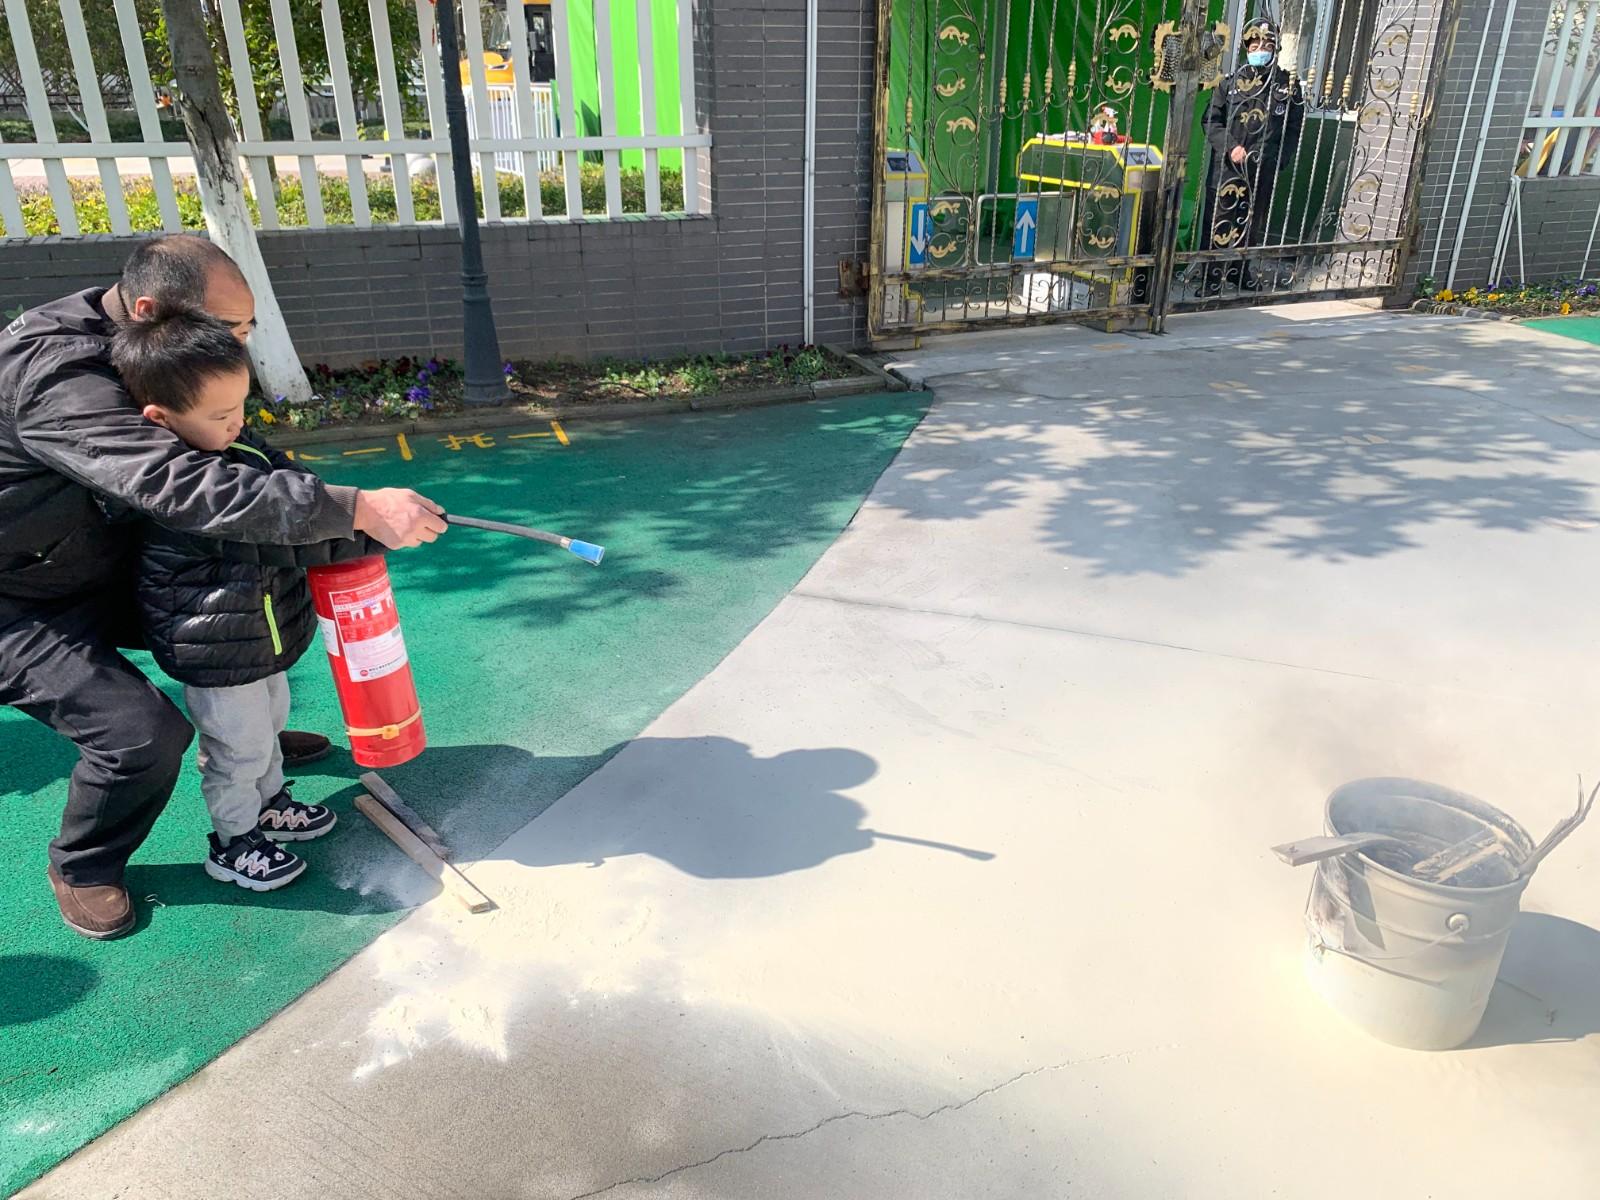 强化消防演练,筑牢安全防线——爱尼尔幼儿园消防安全演练活动